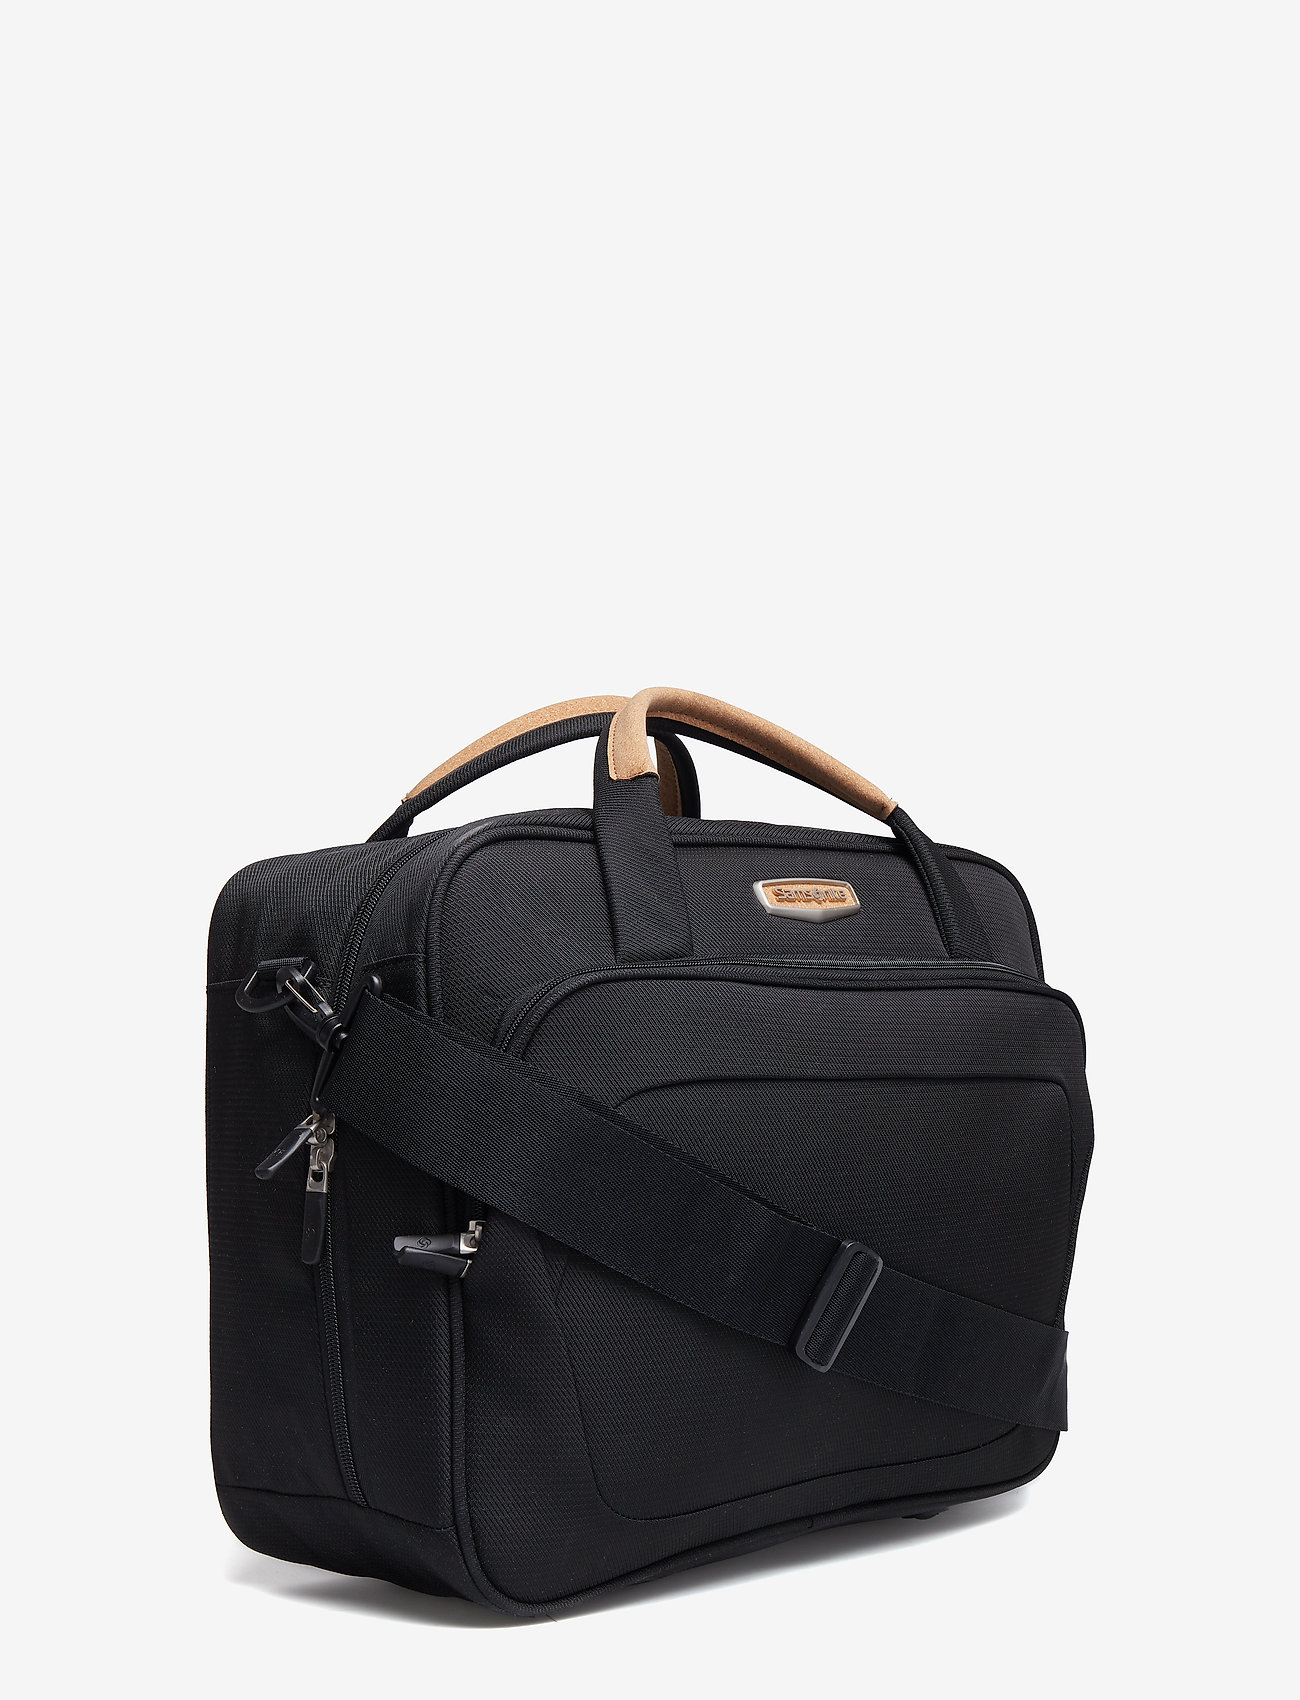 Samsonite - Spark SNG ECO Shoulder Bag - eco black - 2